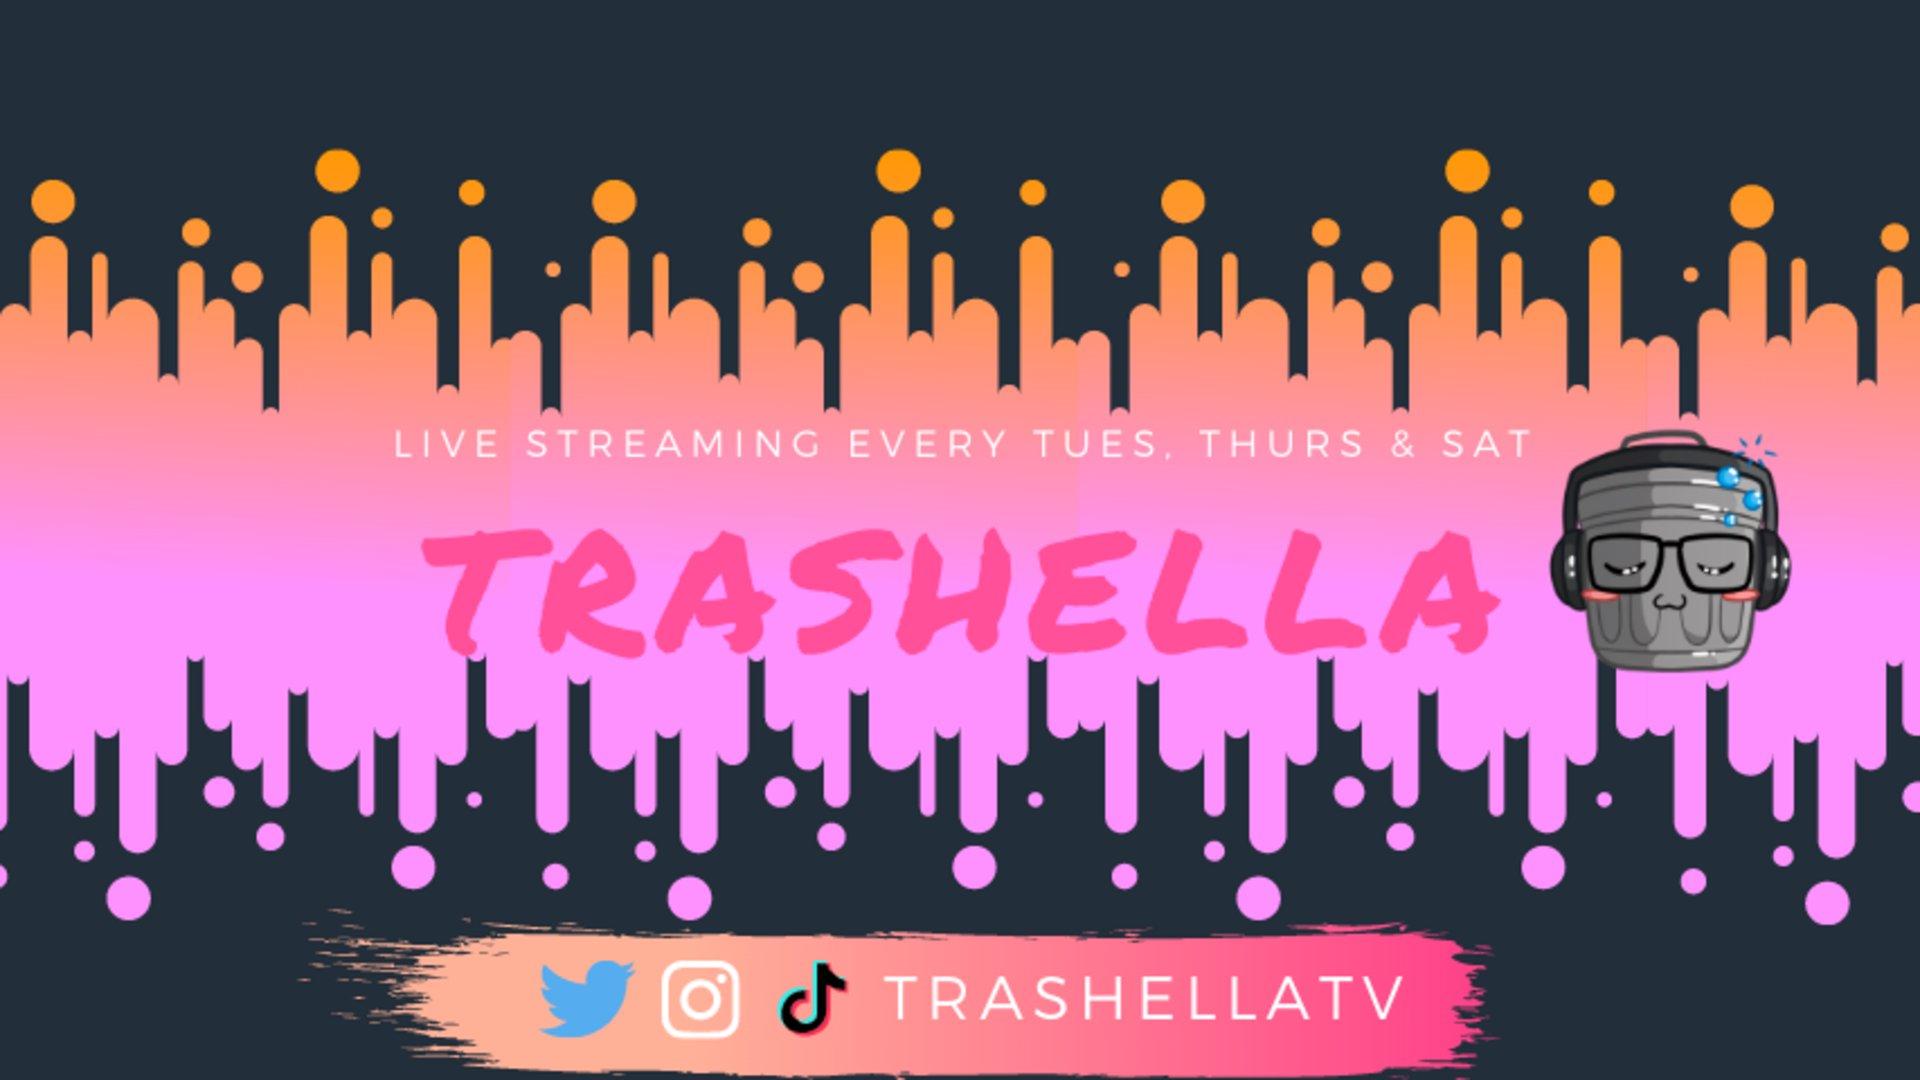 Twitch stream of Trashella